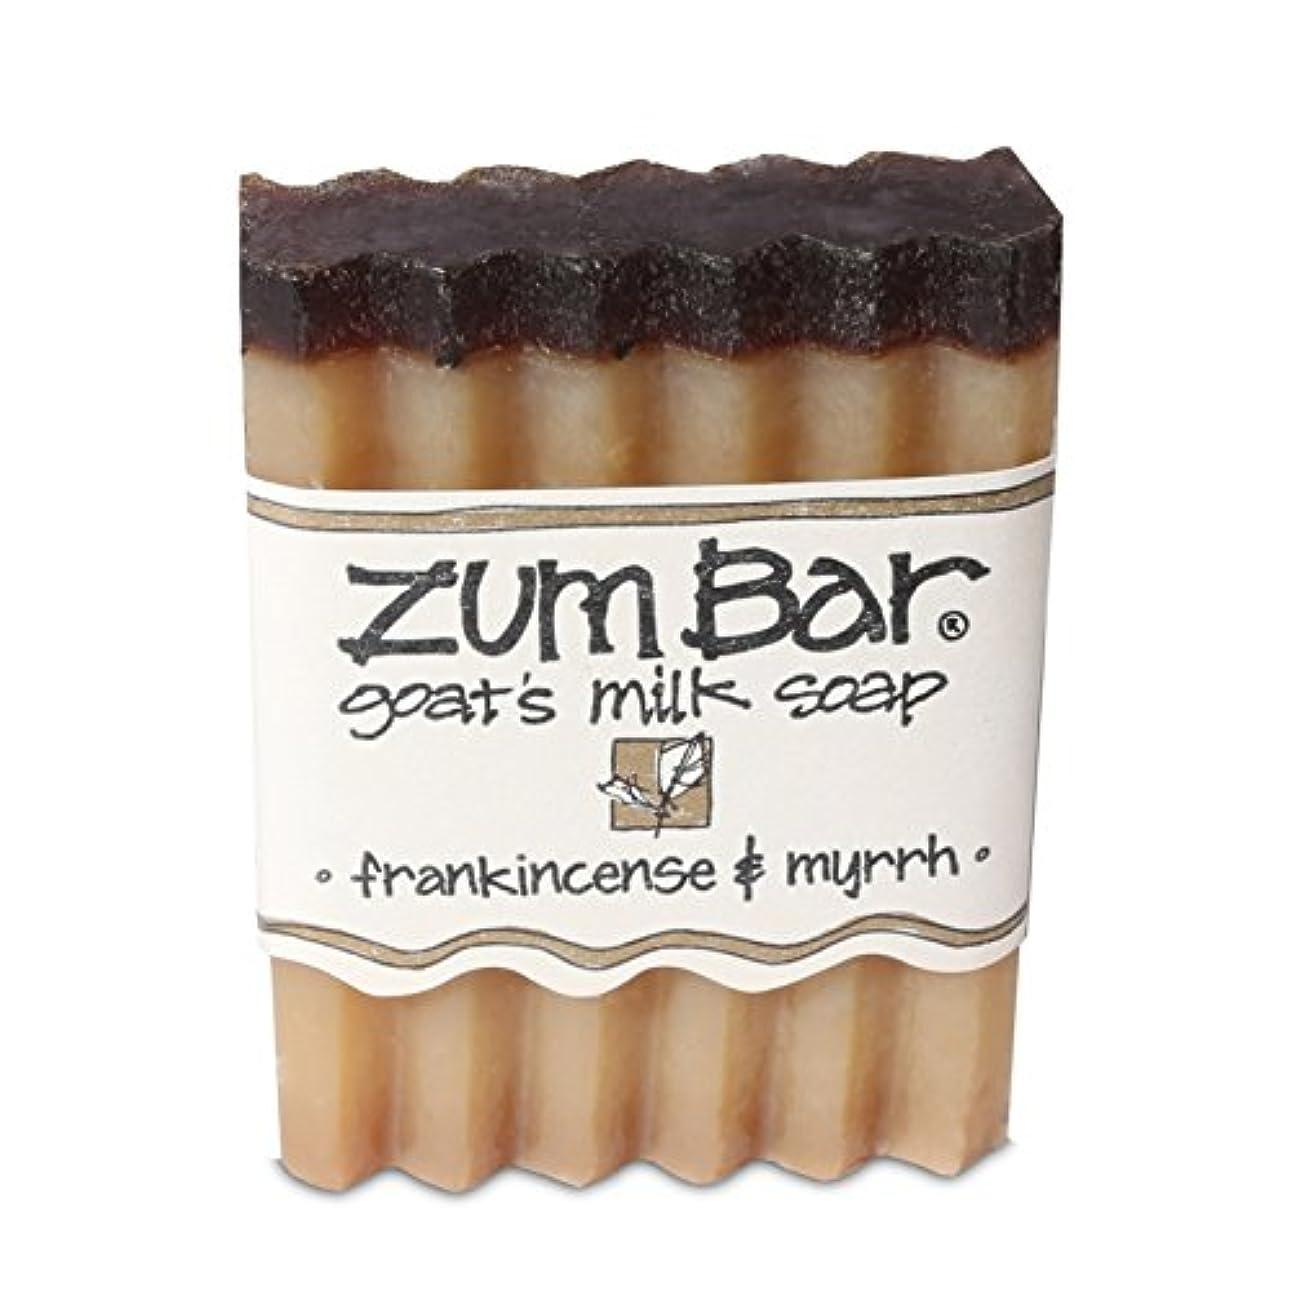 記念日であること子海外直送品 Indigo Wild, Zum Bar, Goat's ミルク ソープ フランキンセンス&ミルラ, 3 Ounces (2個セット) (Frankincense & Myrrh) [並行輸入品]